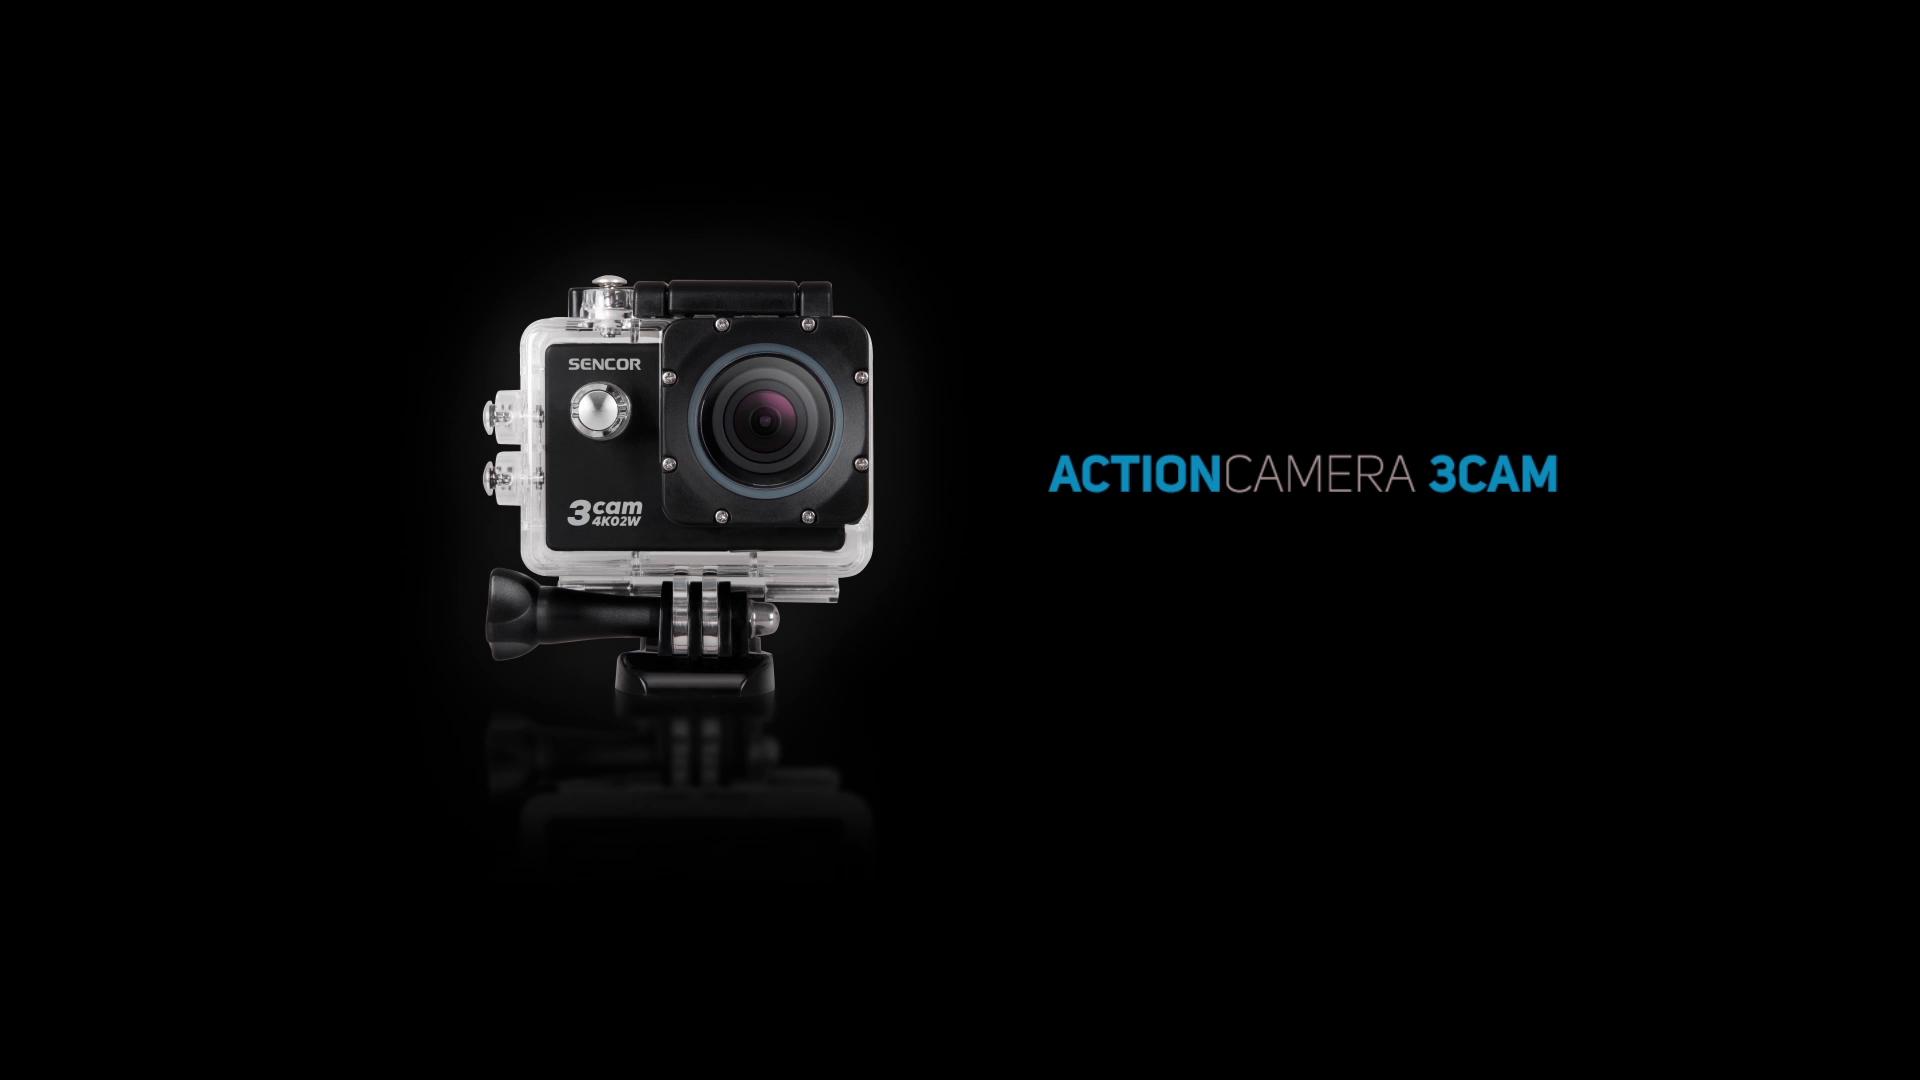 První kameru Sencor v hlasování ve Firststyle PARADE vyhrál Petr D. z Prahy!